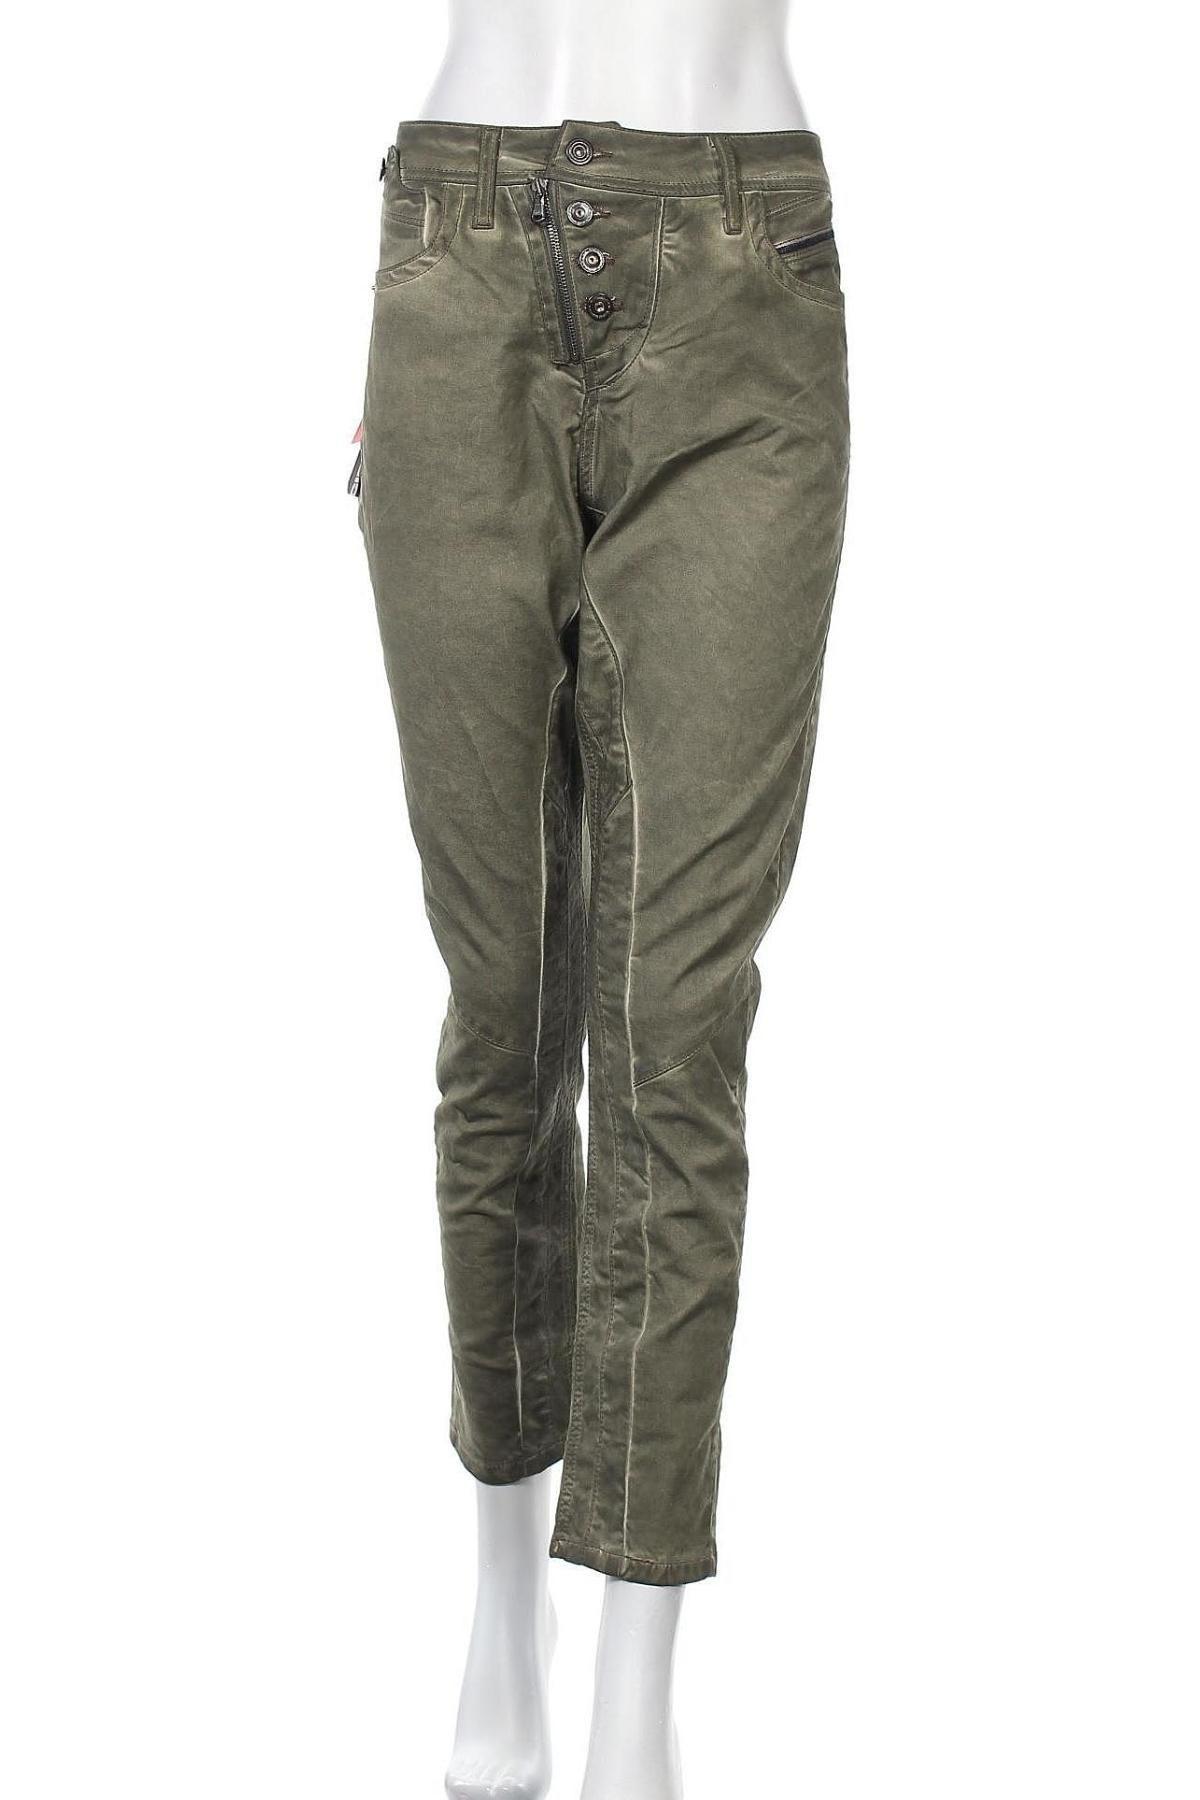 Дамски панталон Cipo & Baxx, Размер M, Цвят Зелен, 98% памук, 2% еластан, Цена 23,80лв.